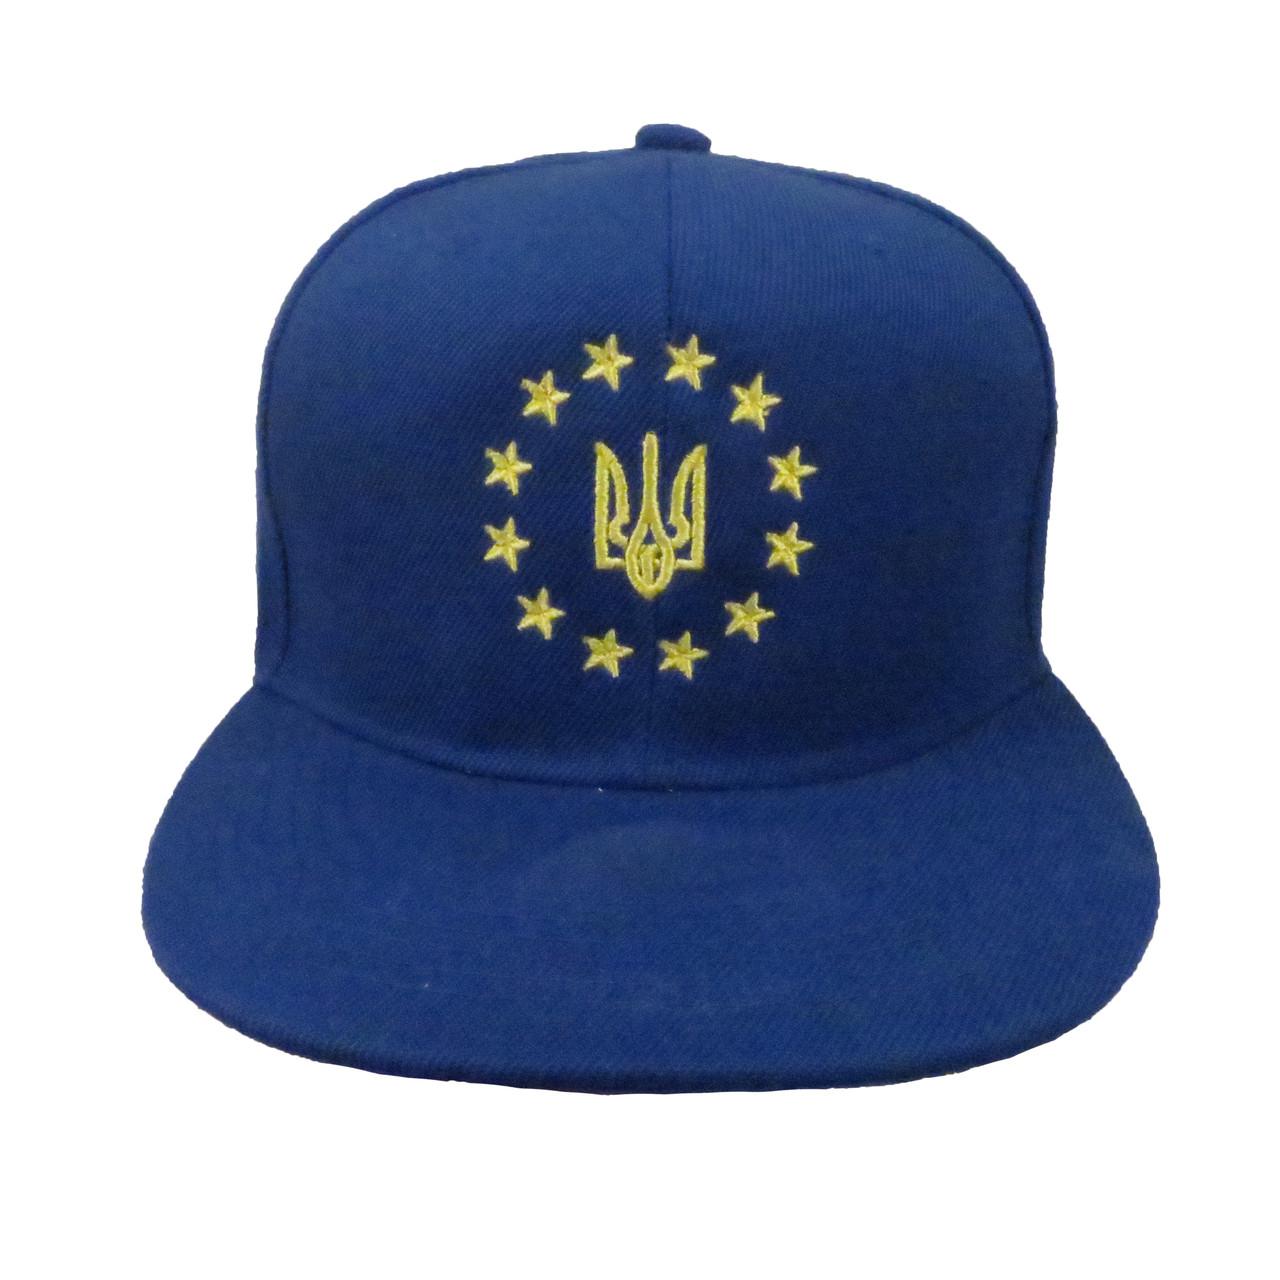 Синяя патриотическая кепка с желтым тризубом